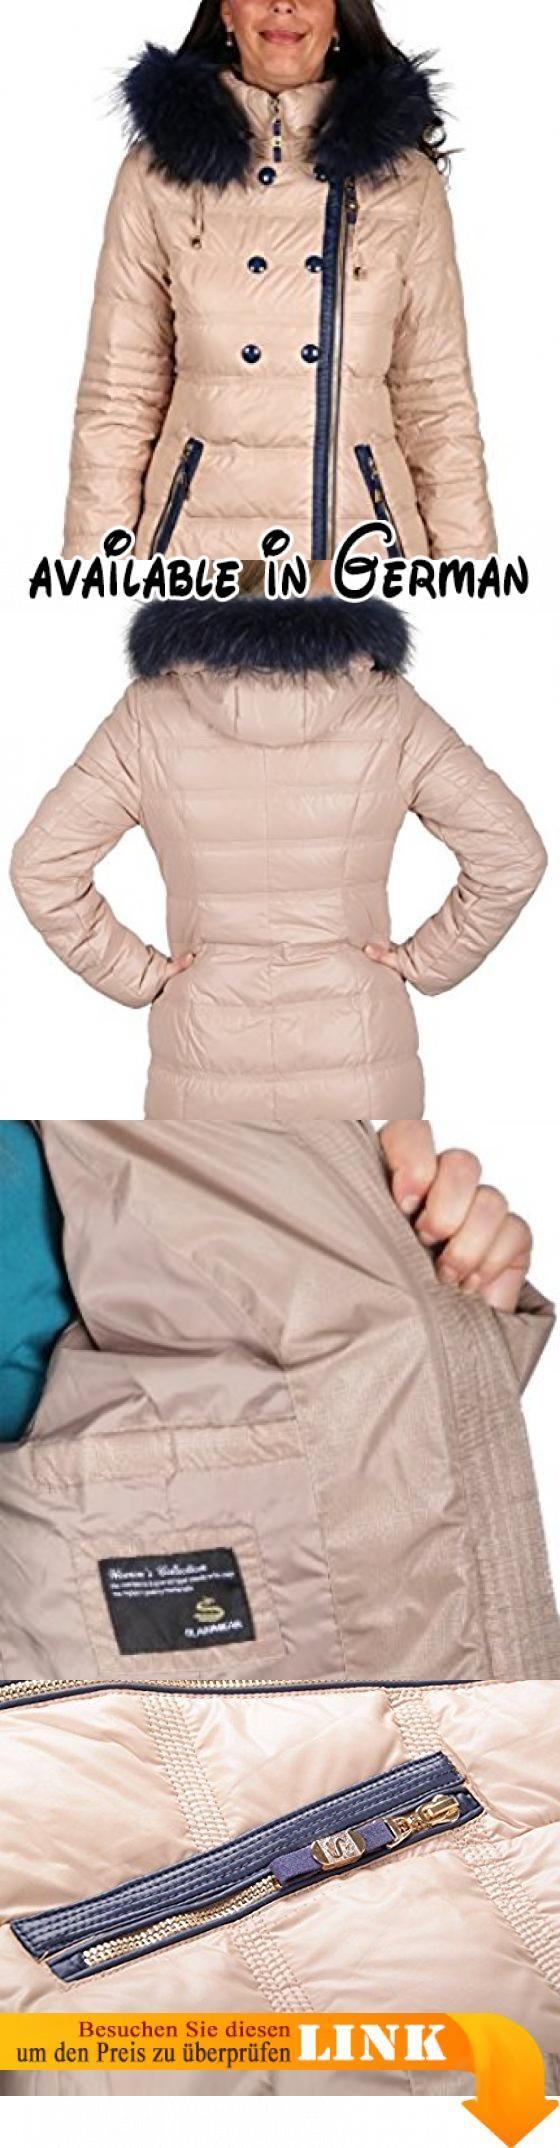 """7759 Damen Daunenjacke """"Olanmear"""" mit Echtfellkapuze (40, braun). Füllung: 80% Daune, 20% Federn. abnehmbare Kapuze mit Echtfell (Fell /Waschbär - abnehmbar). Durchgehender Zwei-Wege-Reißverschluss. Zwei seitliche Zippertaschen, 1 Innentasche. Elastische Bündchen am Ärmel #Apparel #OUTERWEAR"""